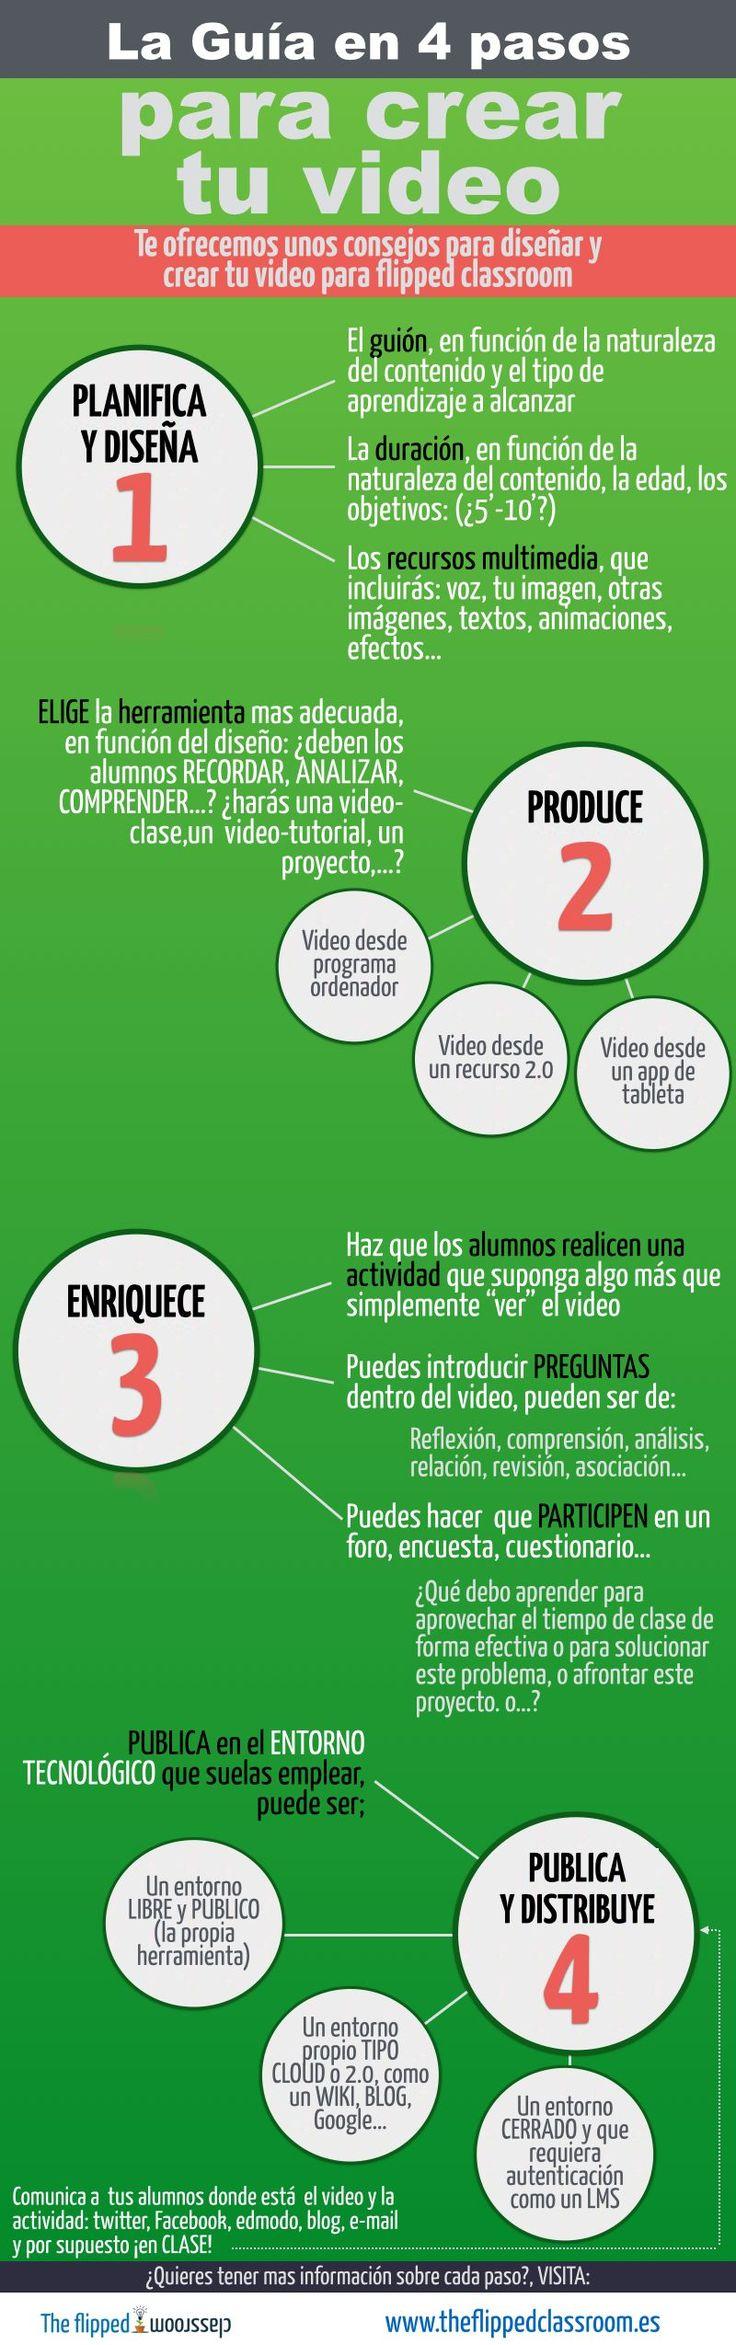 4 Pasos para Crear un Video para una Clase Invertida | #Infografía #Educación